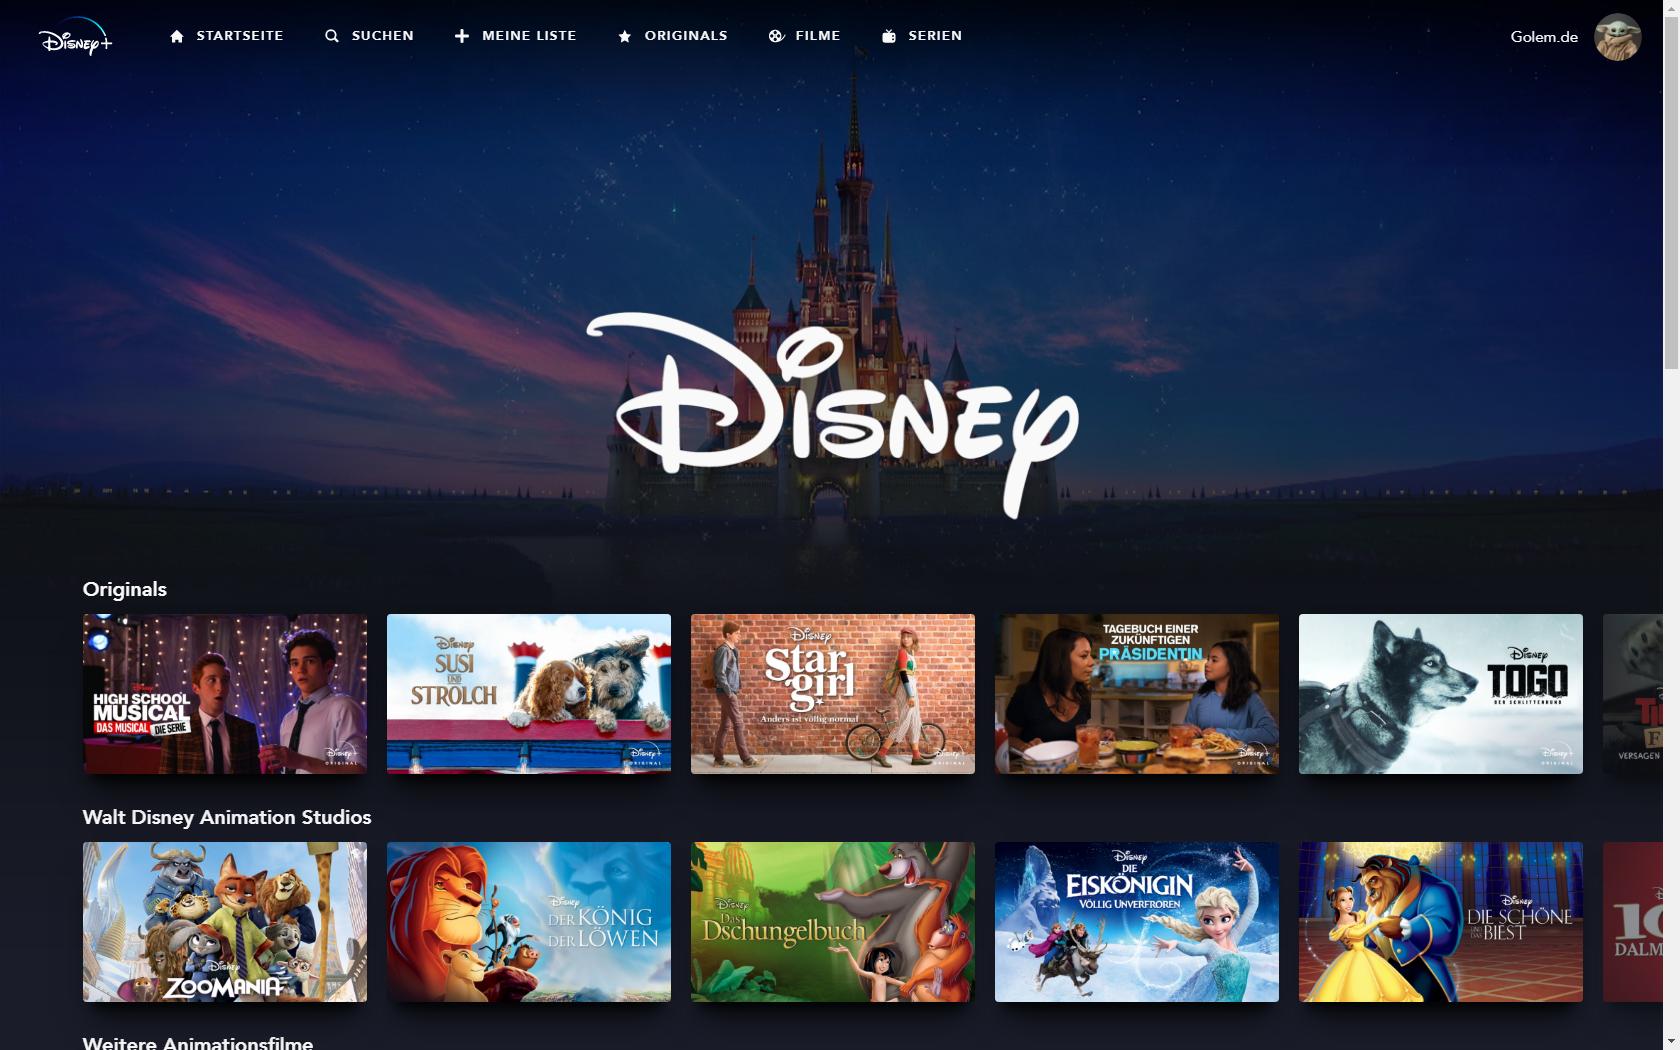 Konkurrenz für Netflix und Prime Video: Disney nennt Filme und Serien für Disney+ in Deutschland - Disney-Rubrik bei Disney+ (Bild: Disney+/Screenshot: Golem.de)